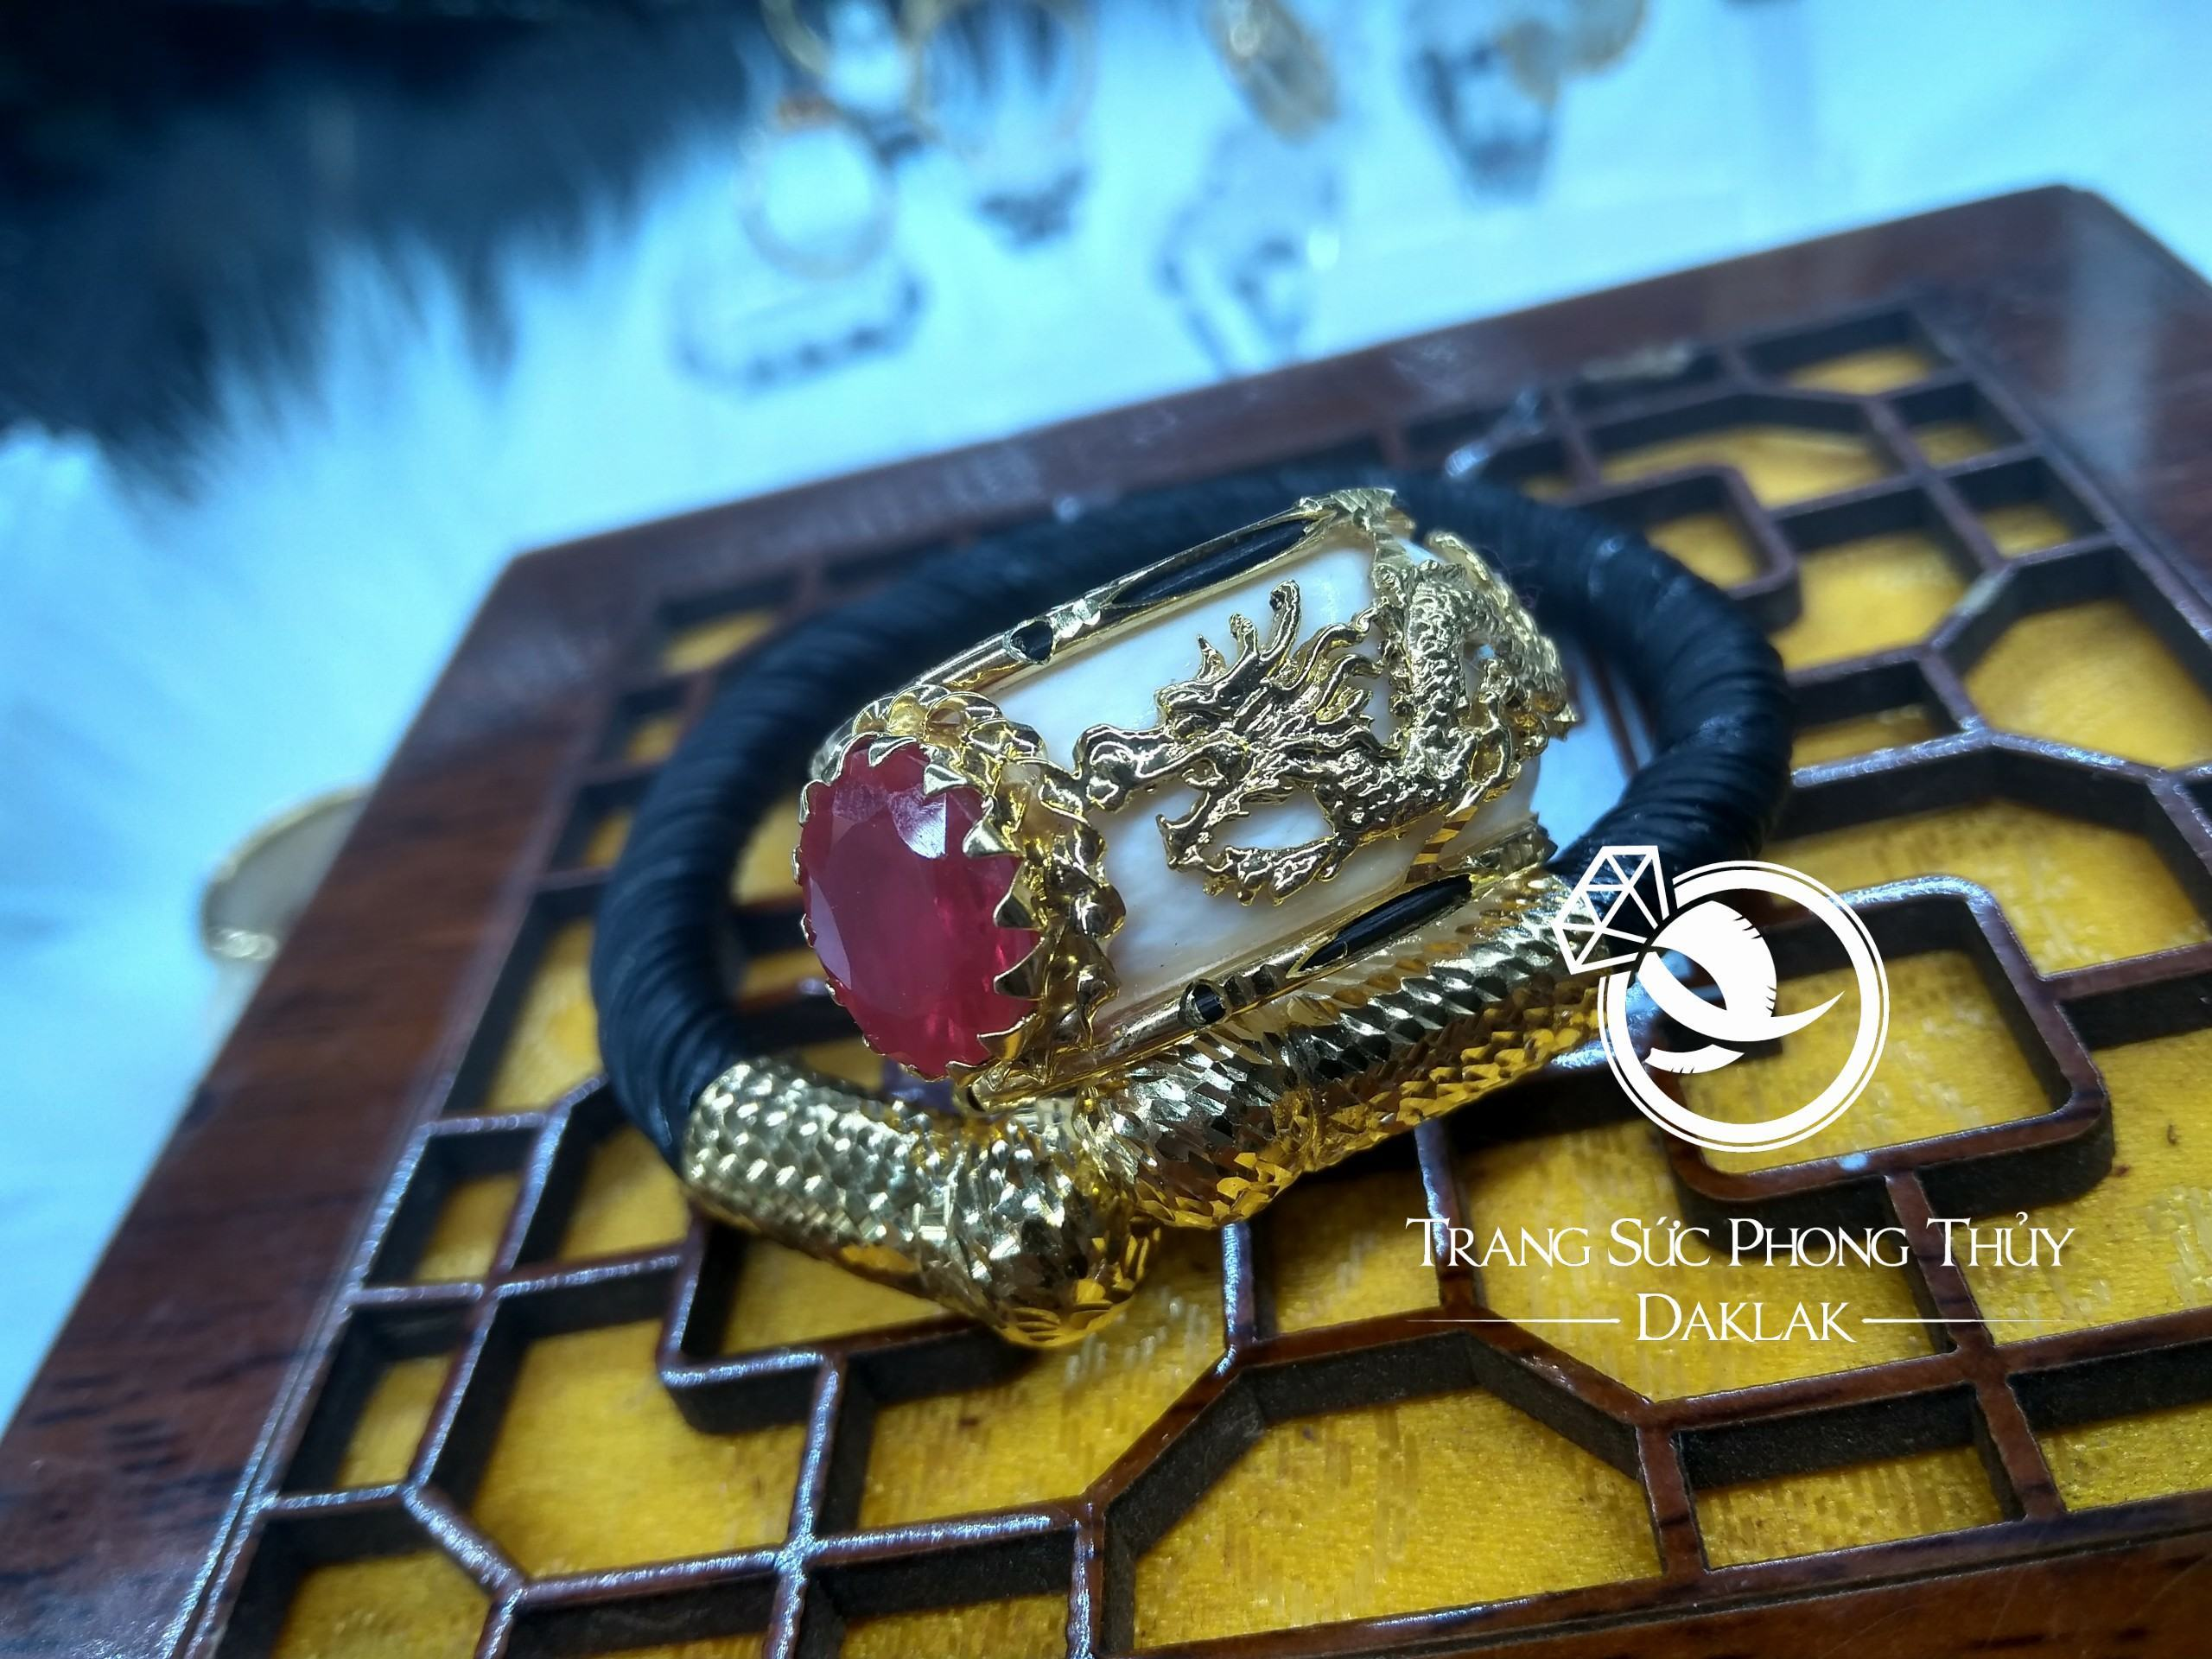 Nhẫn phong thủy chính hãng song long hột đỏ đẹp